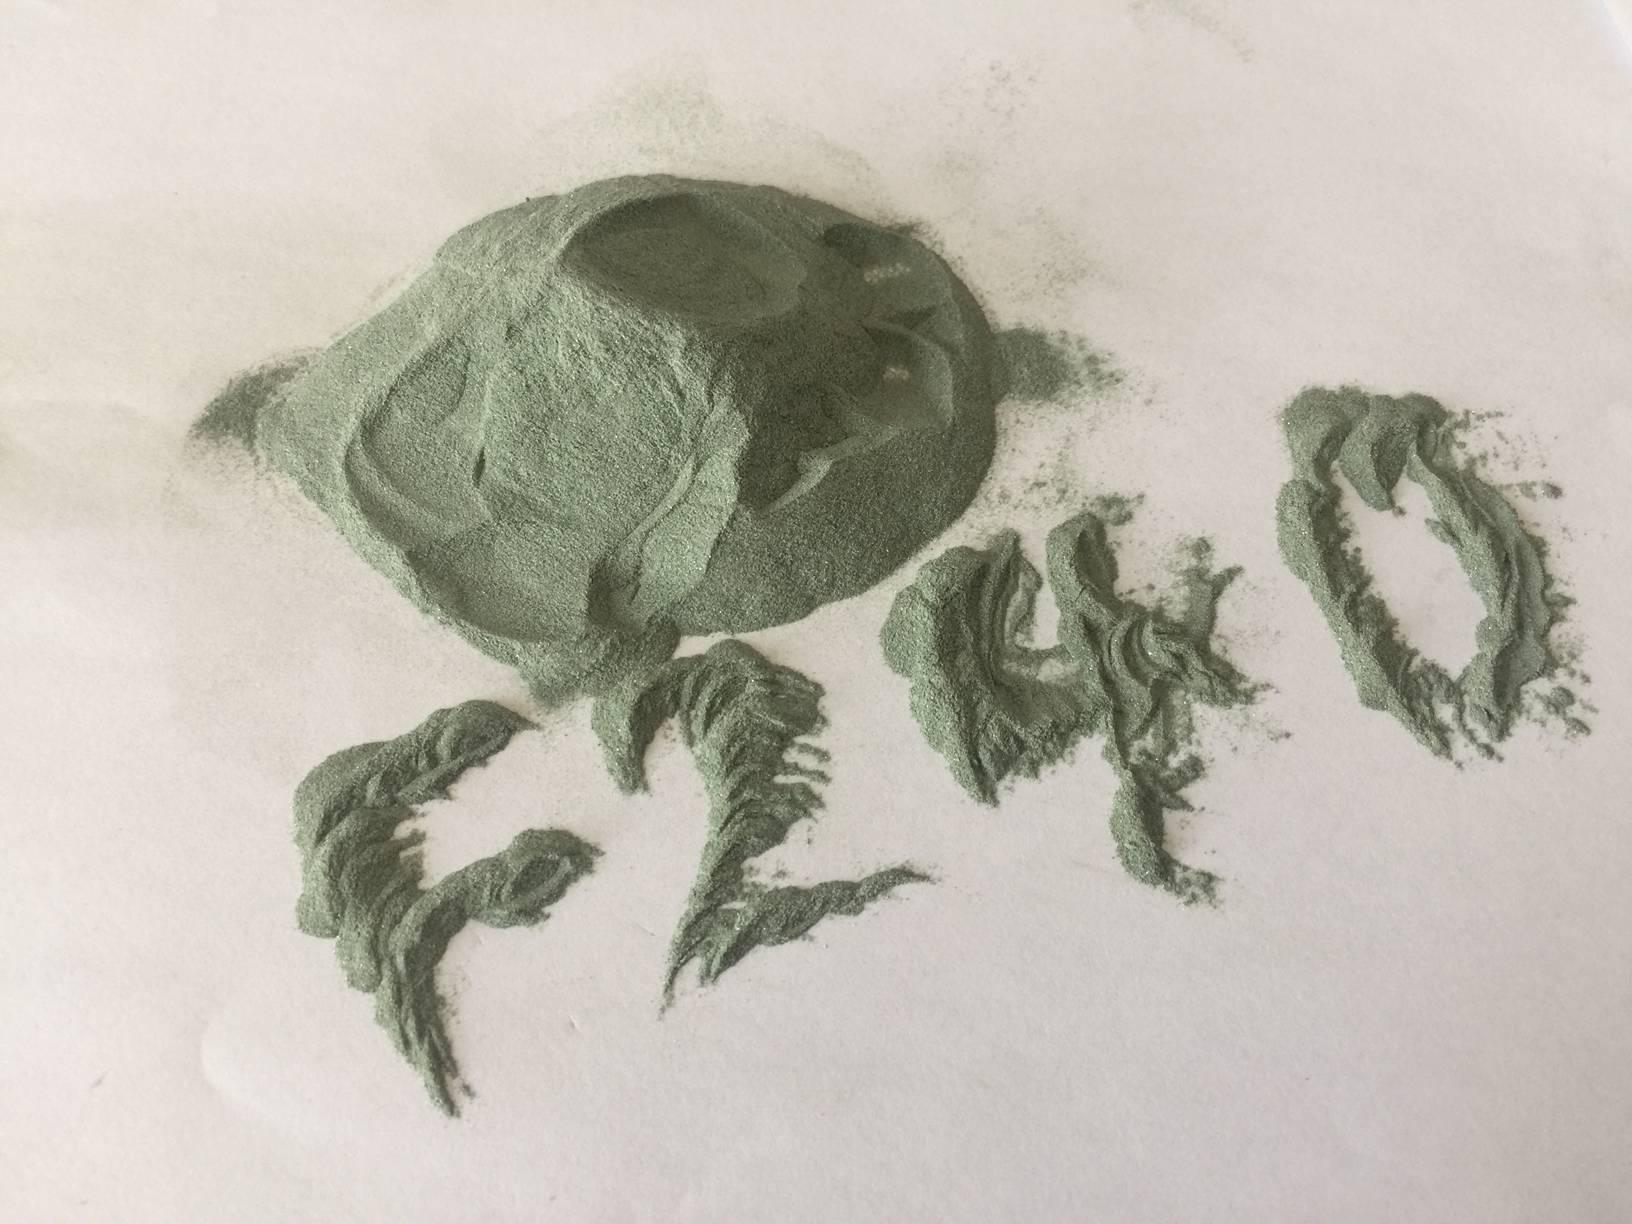 绿碳化硅微粉|碳化硅磨料|特种陶瓷原料|青州恒泰微粉